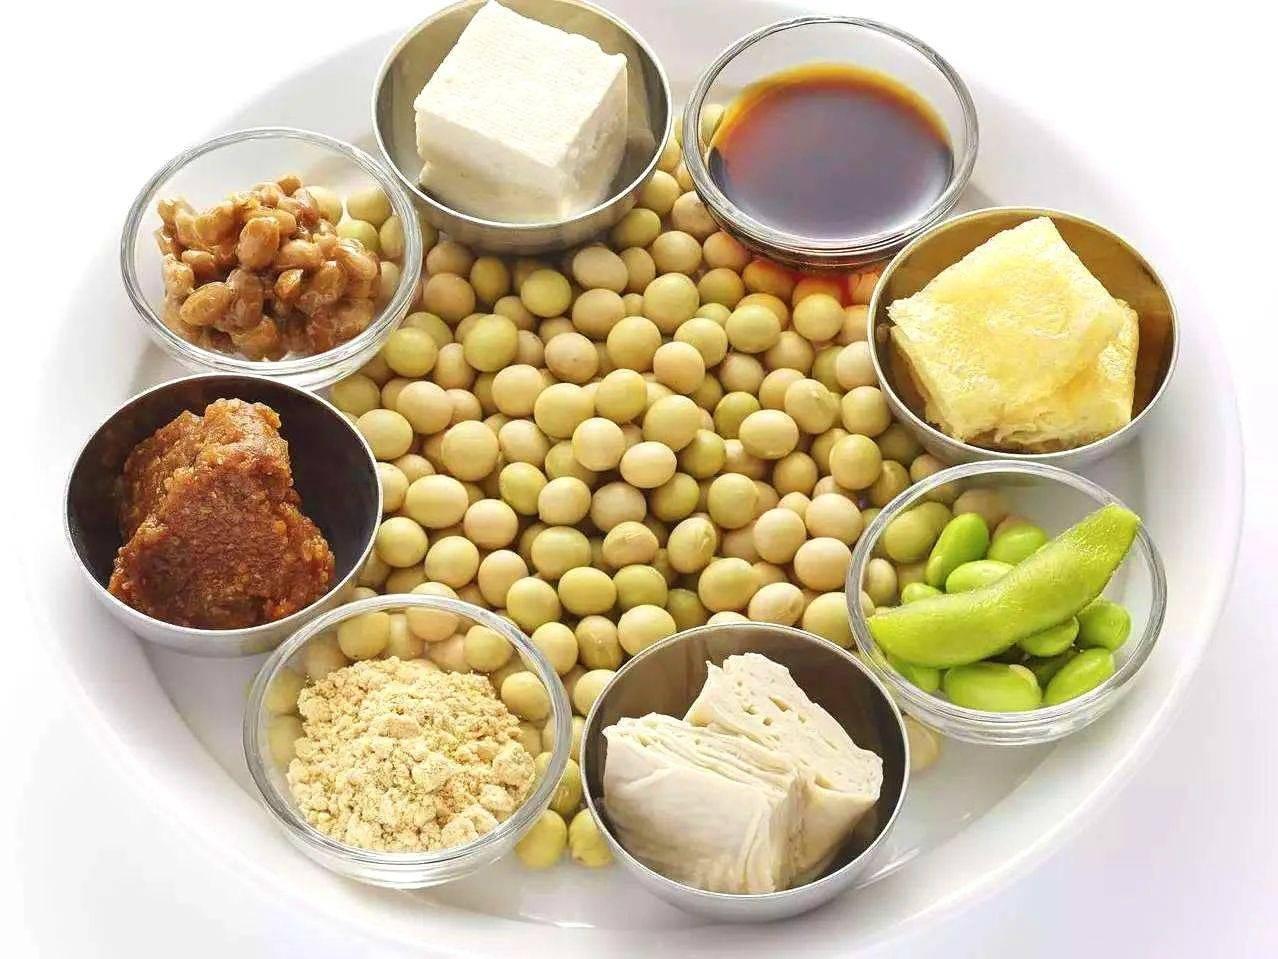 丁通气:不能吃高尿酸的豆制品吗?别猜了